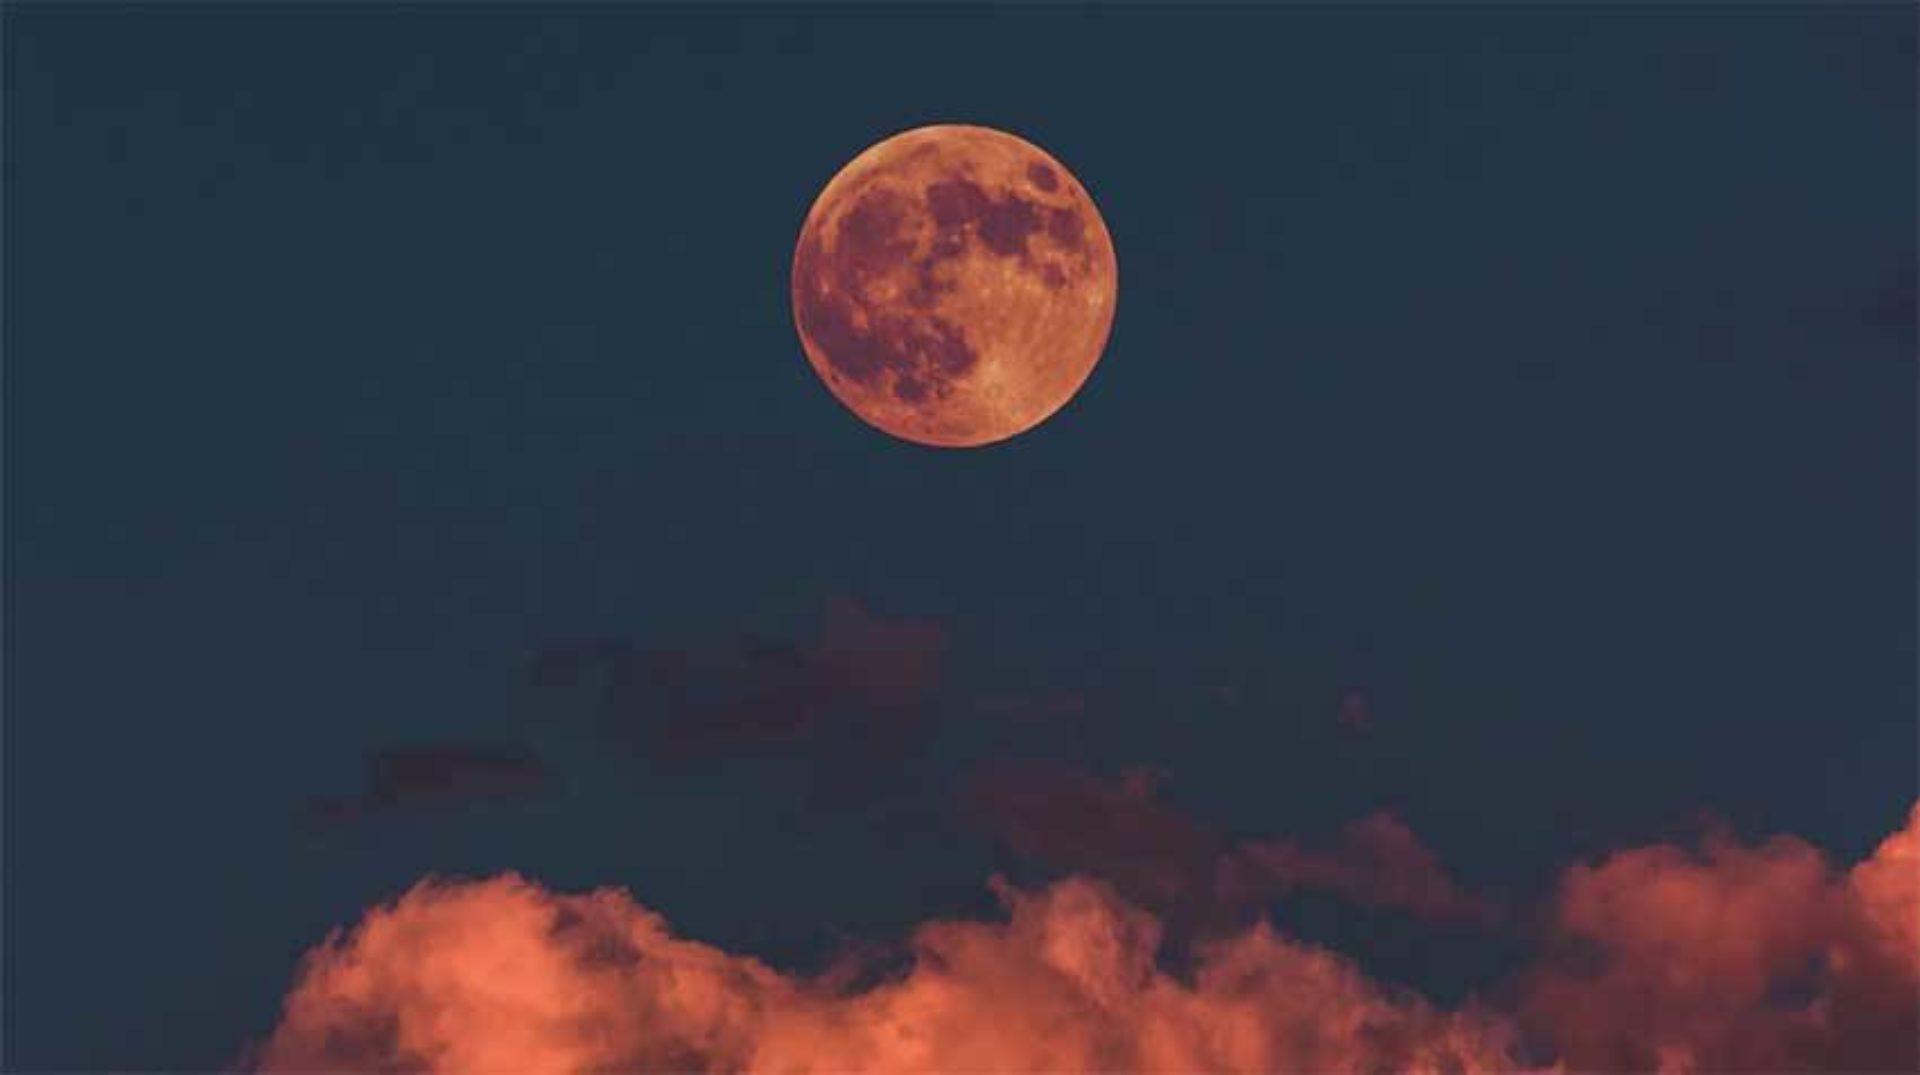 Wicca & de Maan